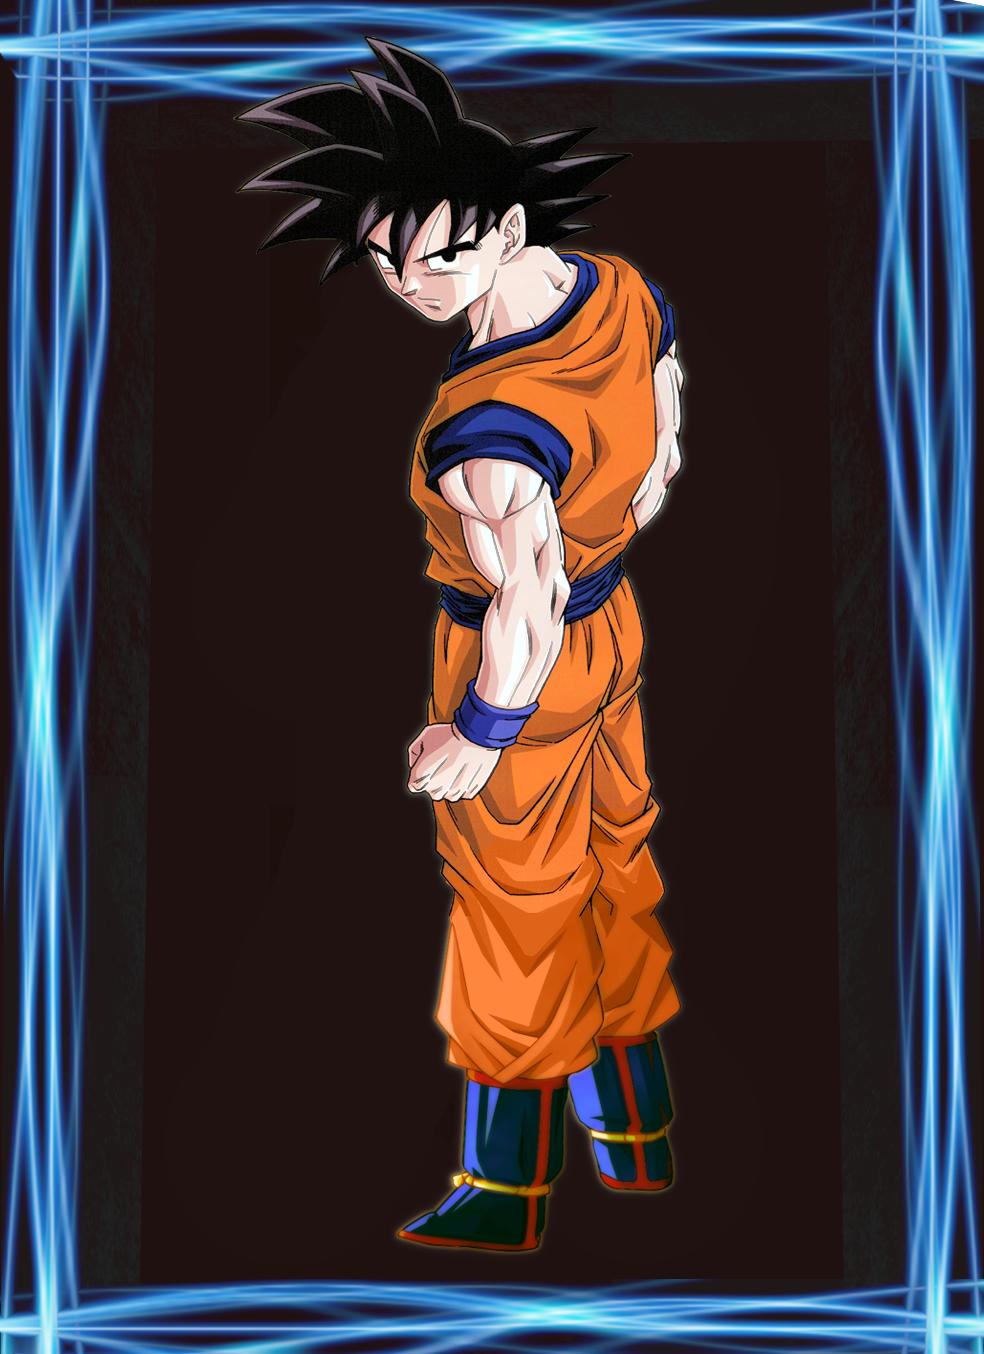 Goku normal by elninja75 on DeviantArt